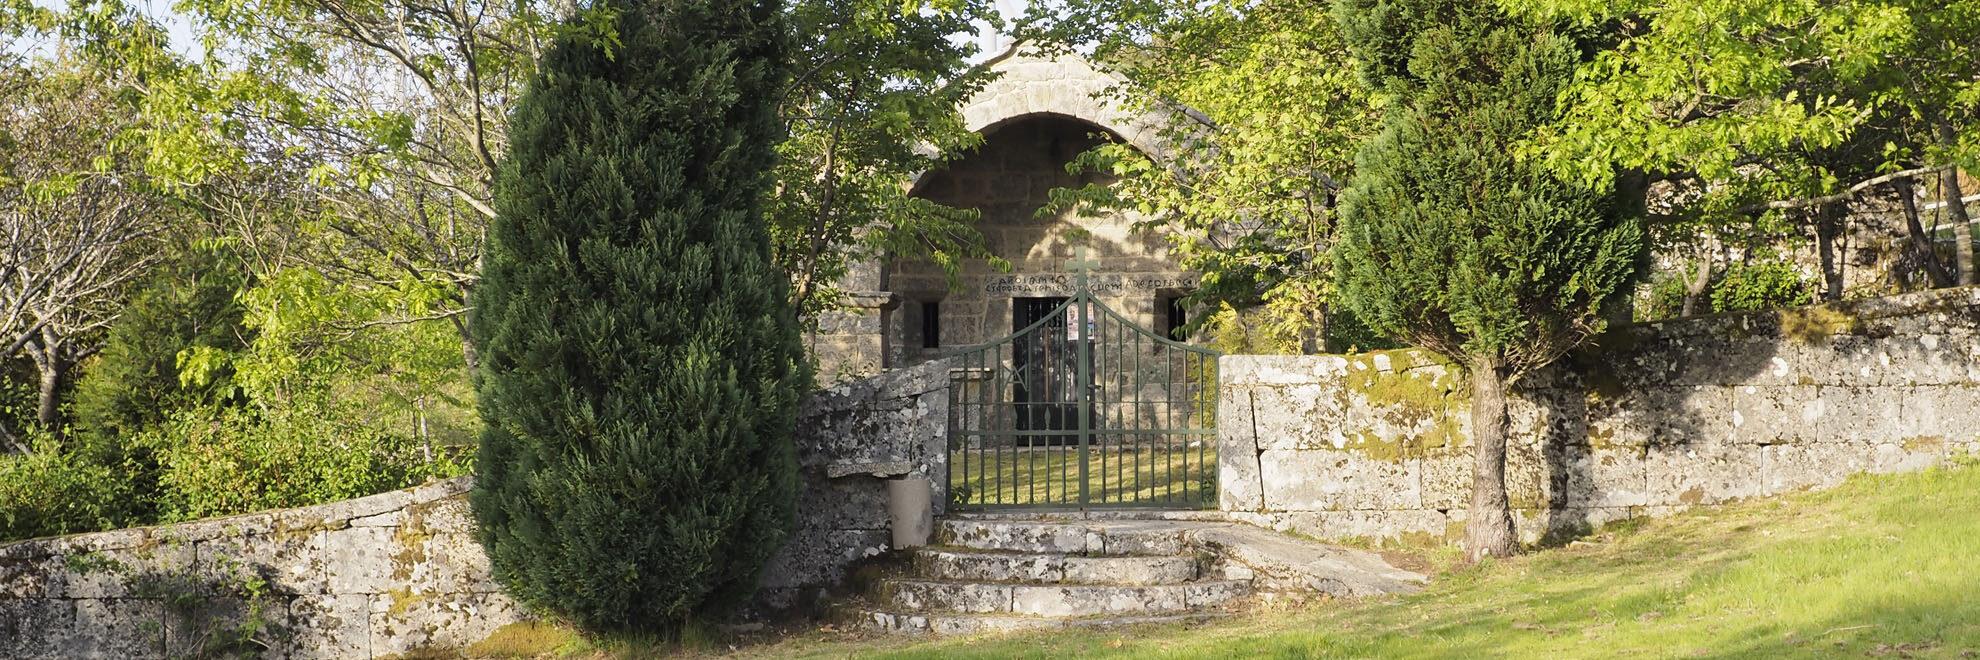 San Salvador de Prado: Ermita da Xestosa